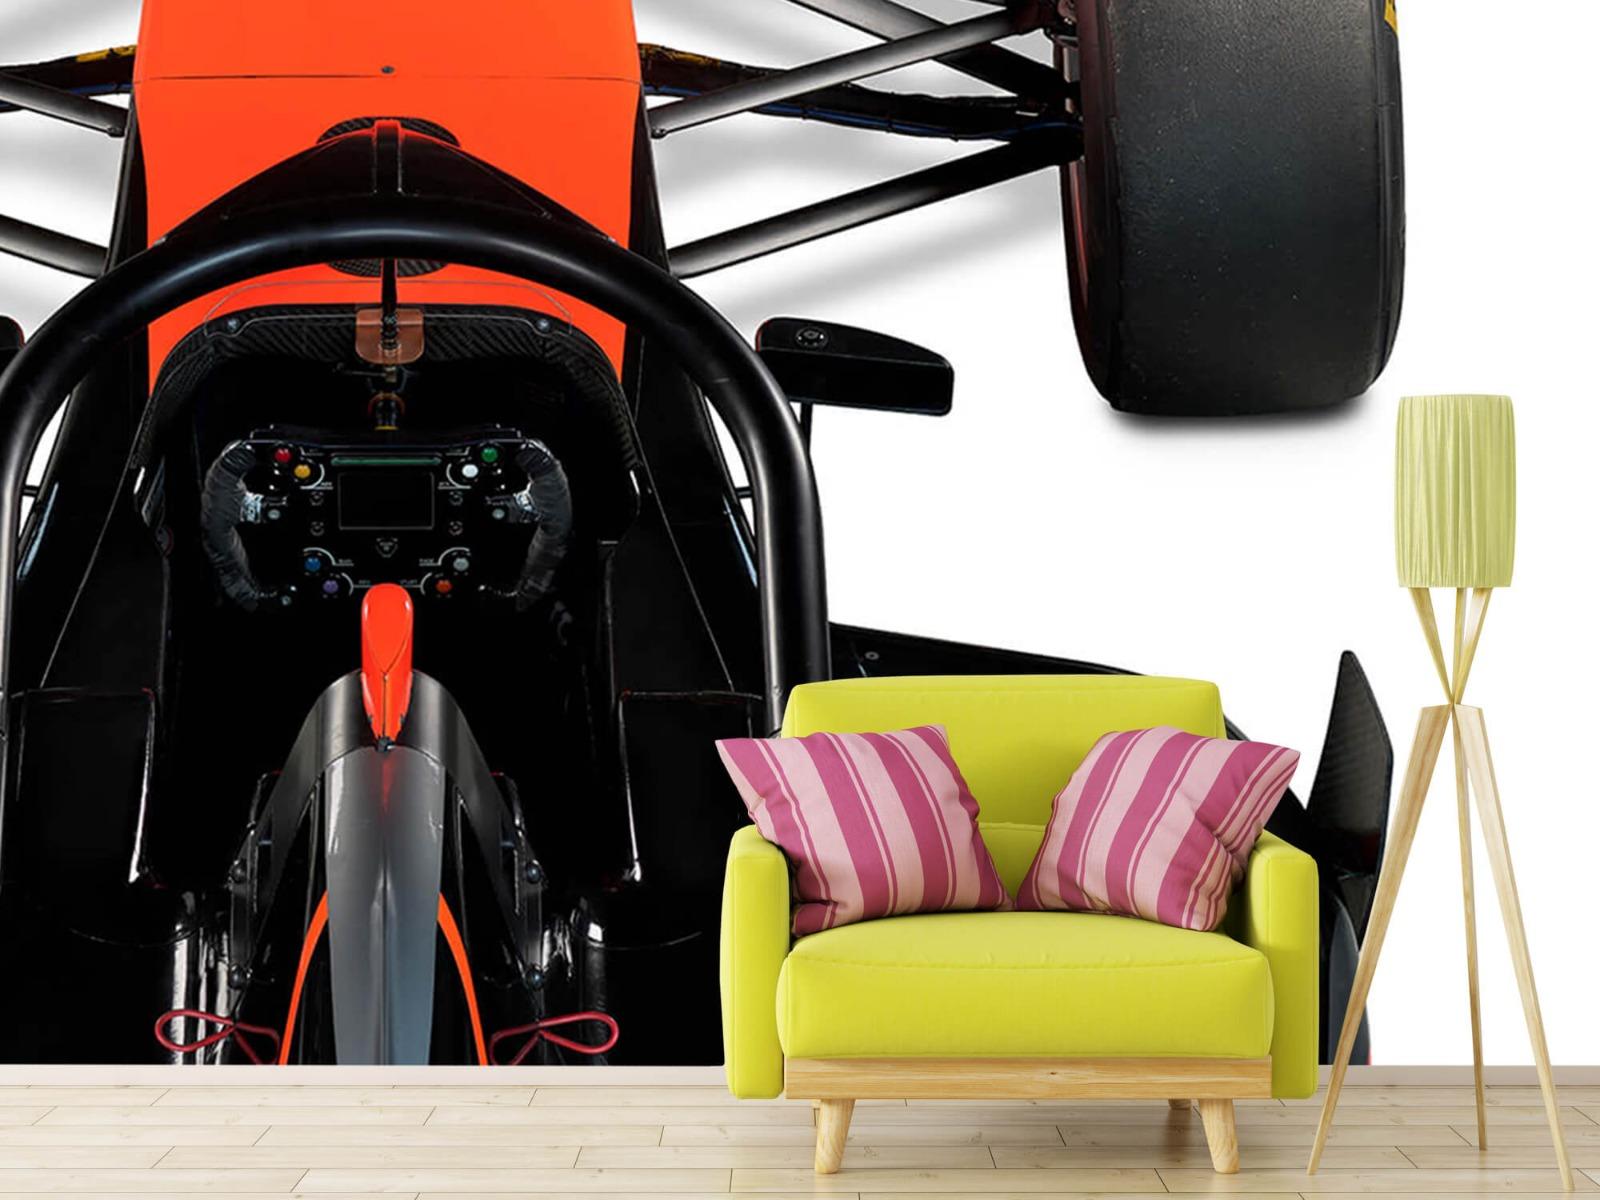 Sportauto's - Formule 3 - Cockpit view - Computerruimte 17